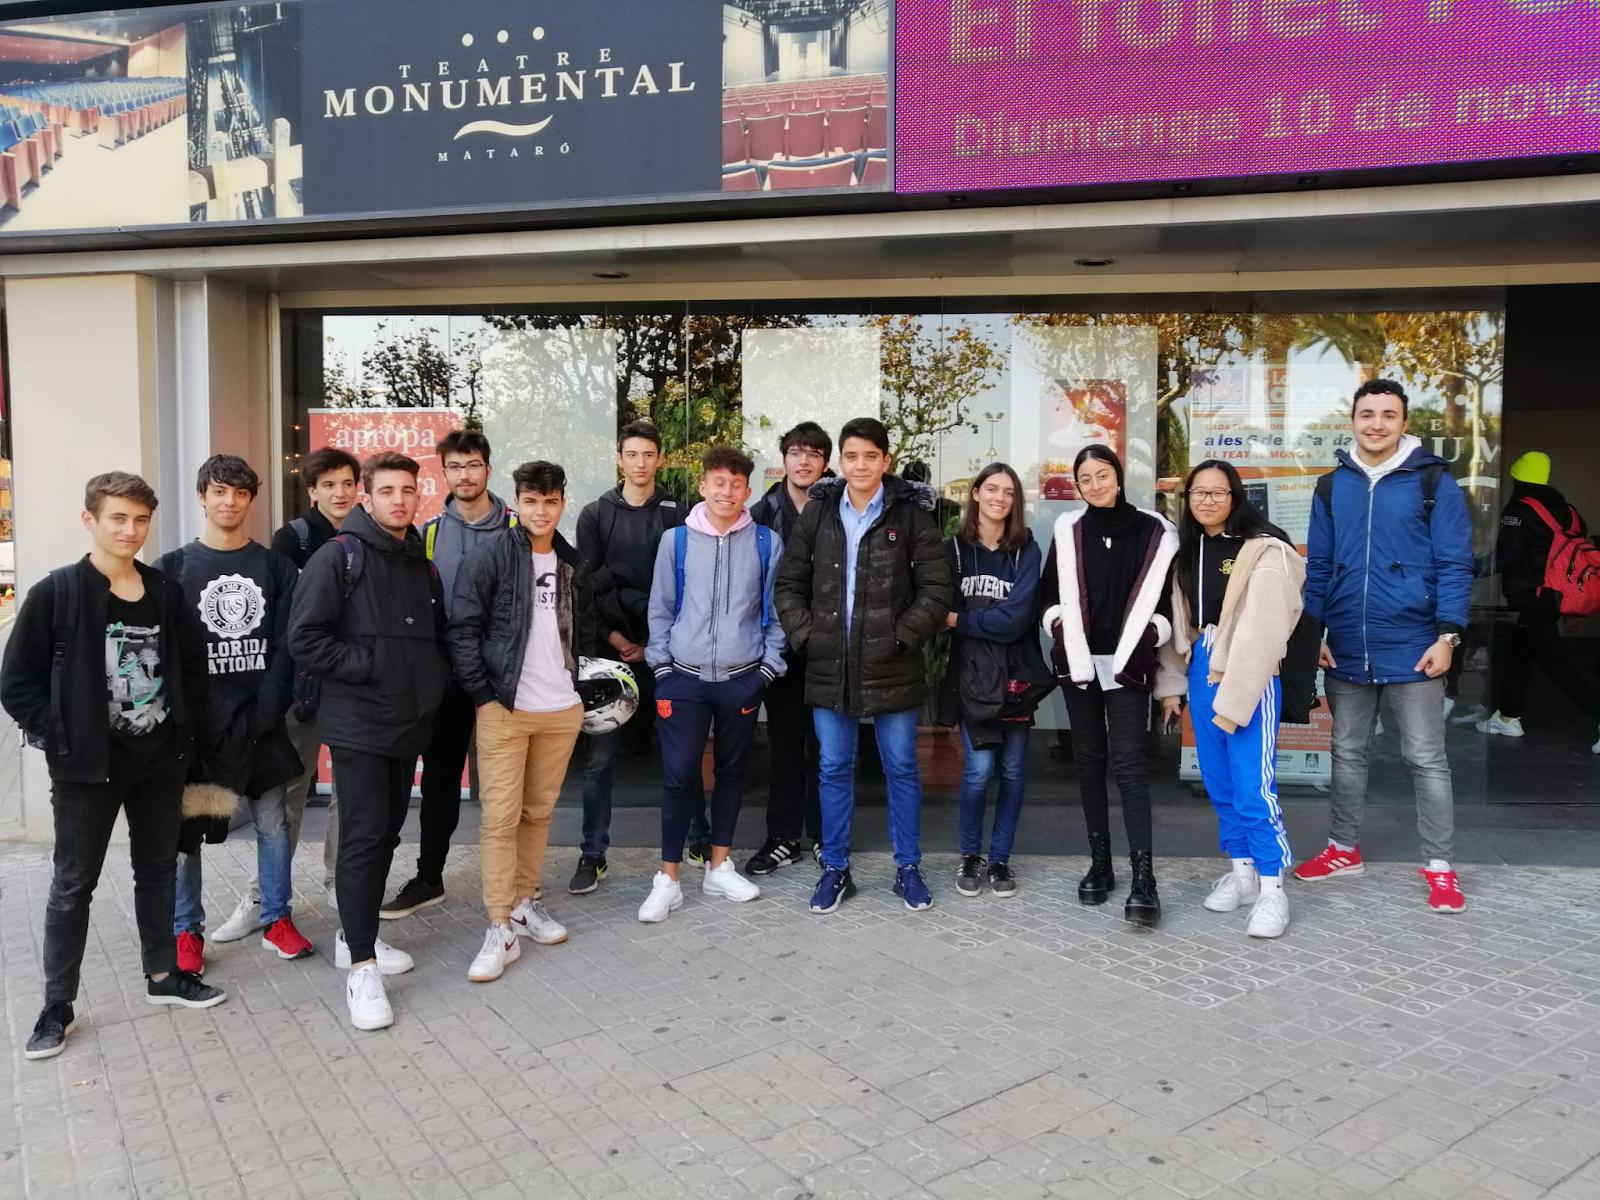 Alumnes de 2n de batxillerat davant el Teatre Monumental